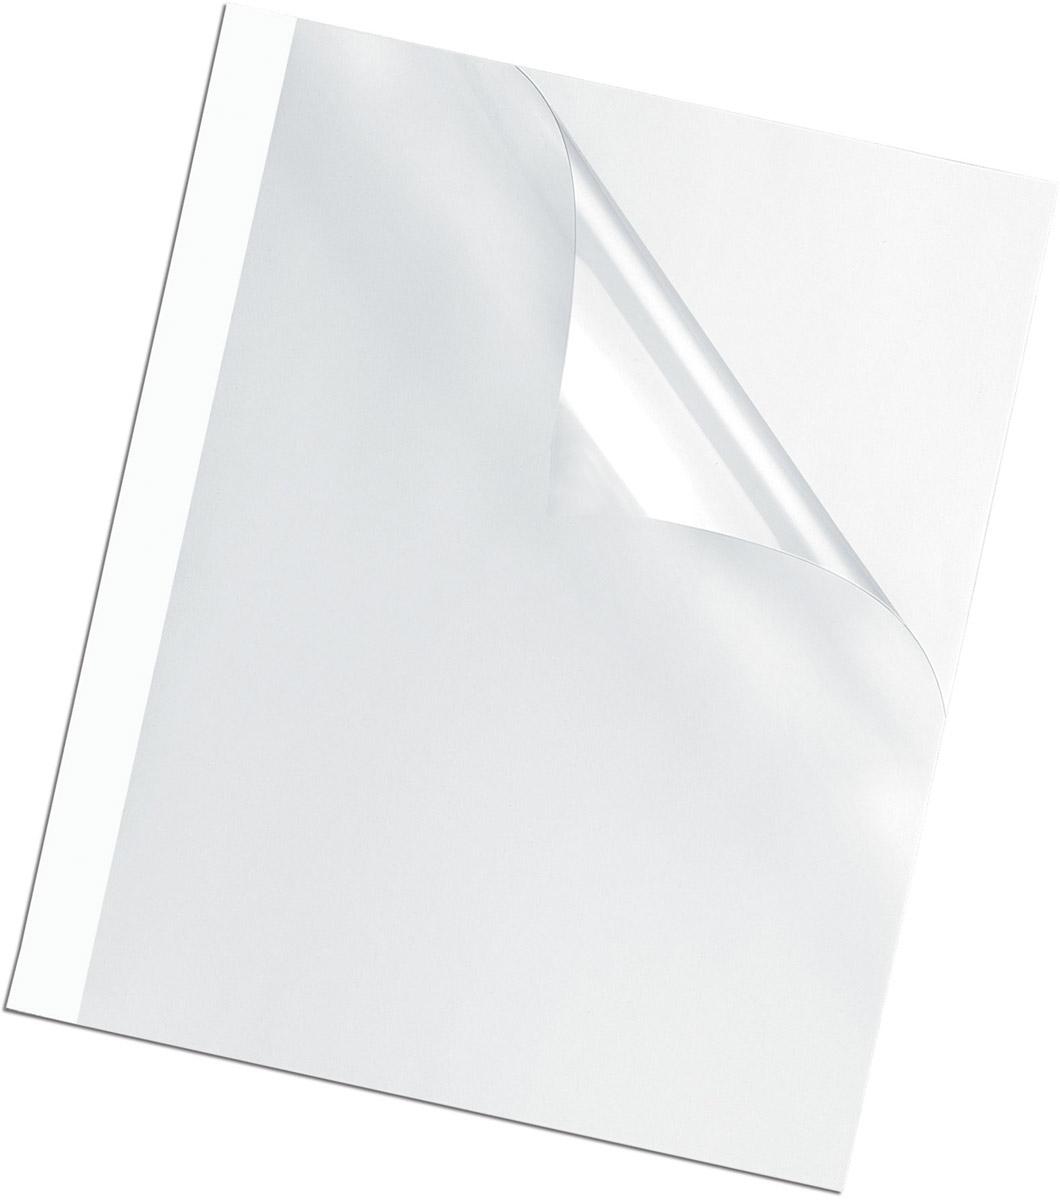 Fellowes A4 FS-53900 обложка для термопереплета, 15 мм (50 шт)FS-53900Обложка для термопереплета предназначена для оформления документов. Верх обложки – прозрачный PVC (150мкм), низ – глянцевый картон (220гр/кв.м). 50шт. в розничной упаковке.